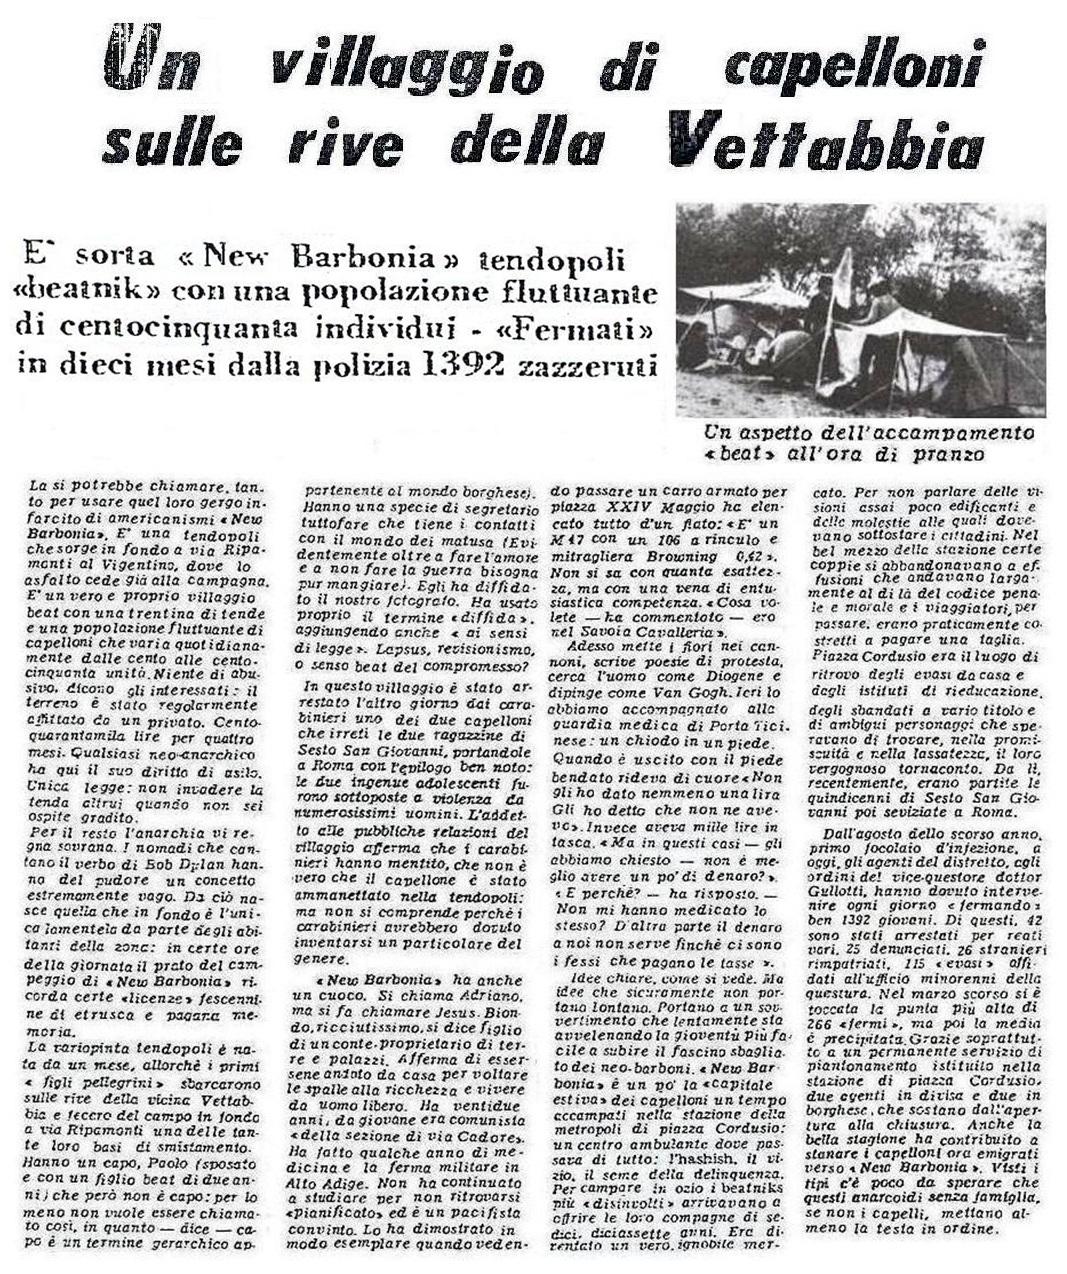 Al Corriere della Sera non si rendevano conto di come stessero andando incontro a una catastrofe